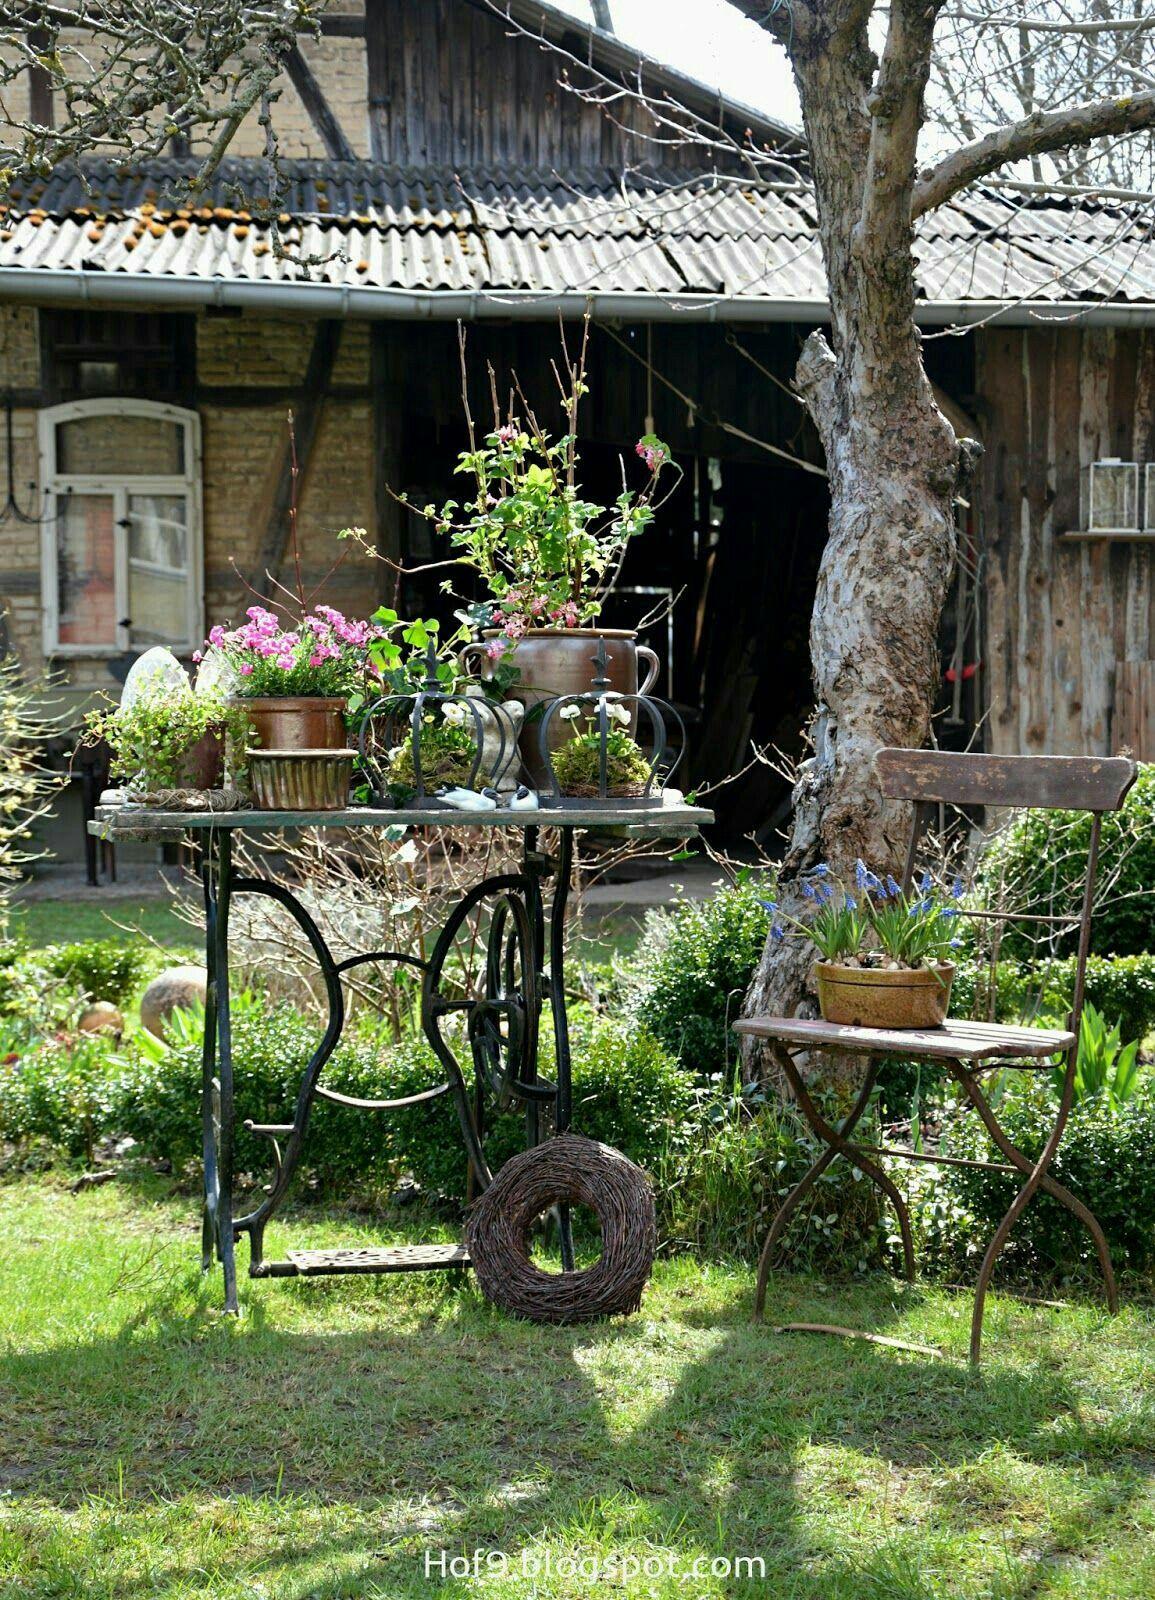 garten blumen deko cottage garden pinterest garten garten deko und garten ideen. Black Bedroom Furniture Sets. Home Design Ideas